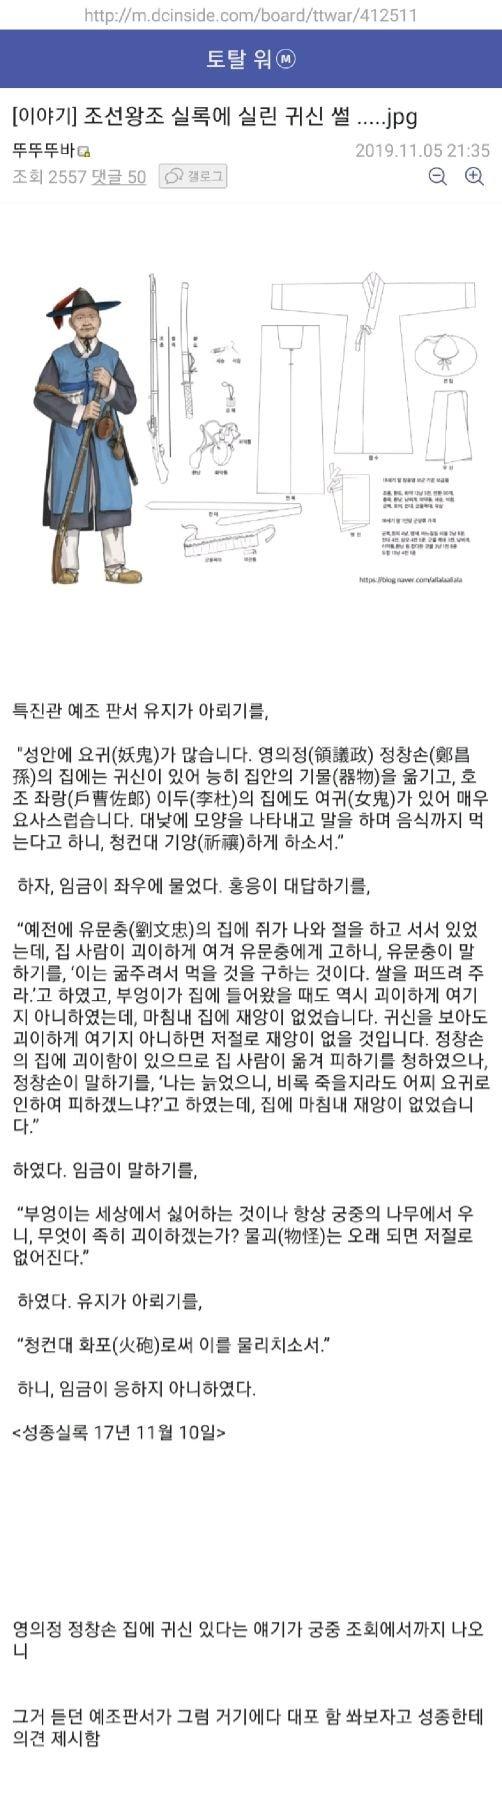 조선 왕조 실록에 실려있는 귀신 썰.jpg